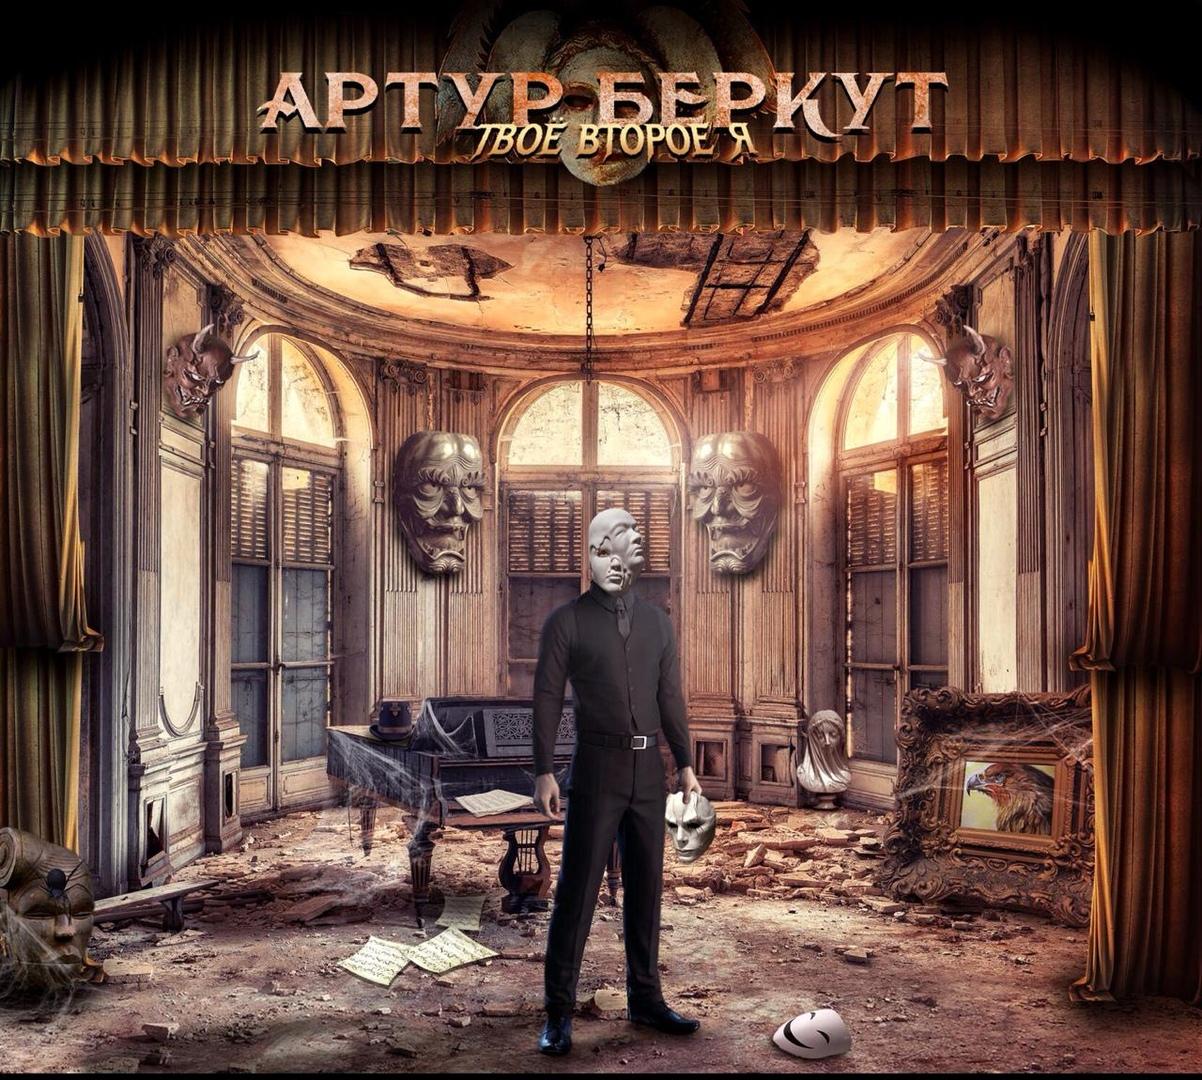 Артур Беркут выпустил альбом досрочно